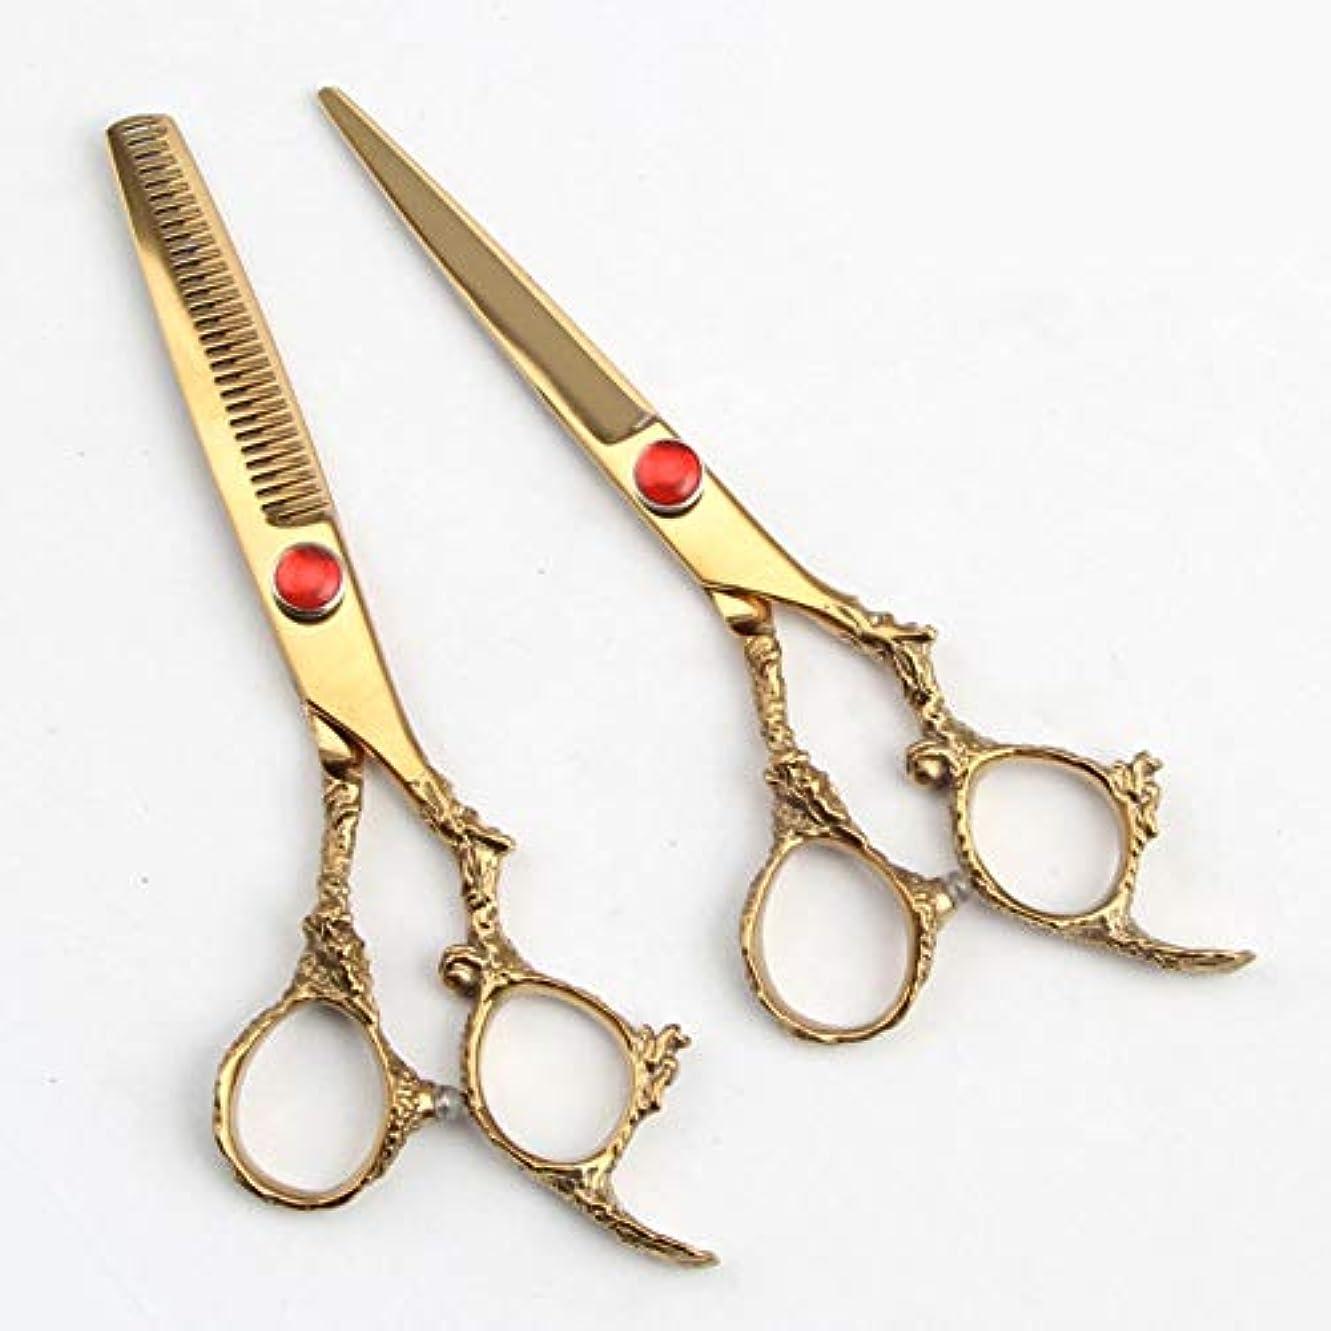 ふつう古くなったフローティングJiaoran 理髪師ゴールデンプロのヘアカットセット、家庭用はさみセット (Color : Gold)